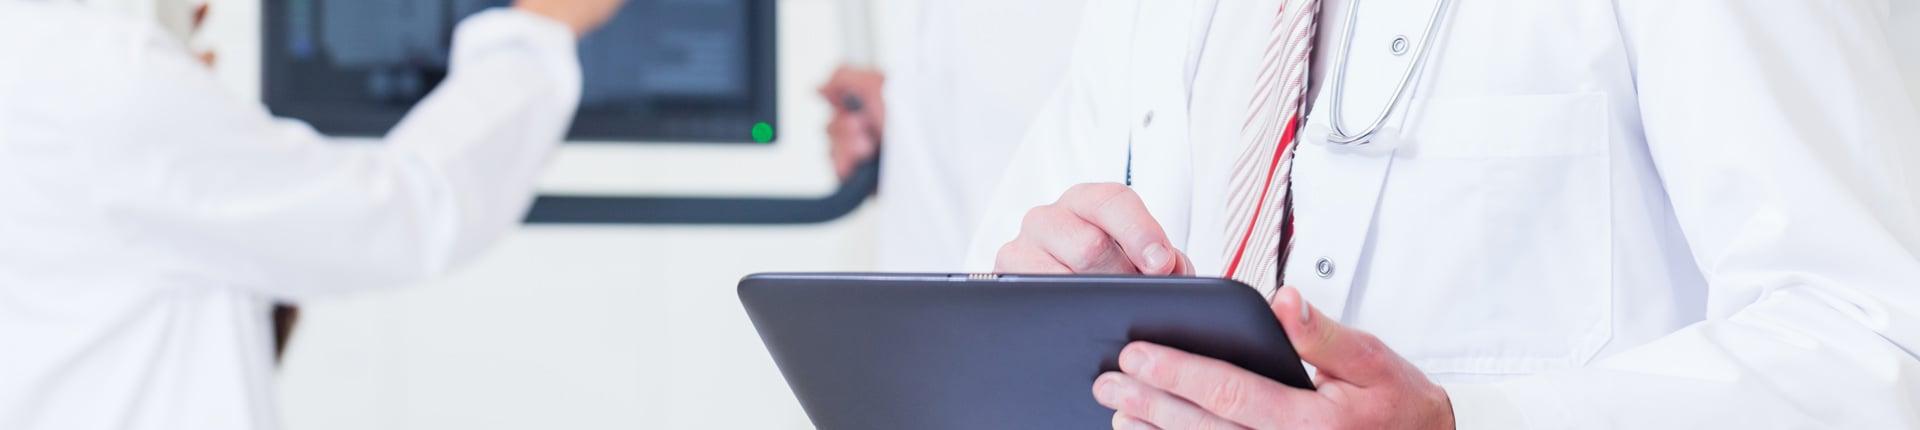 Czy mogę stosować suplementy, odżywki, leki (np. SAA) przed komisją lekarską?